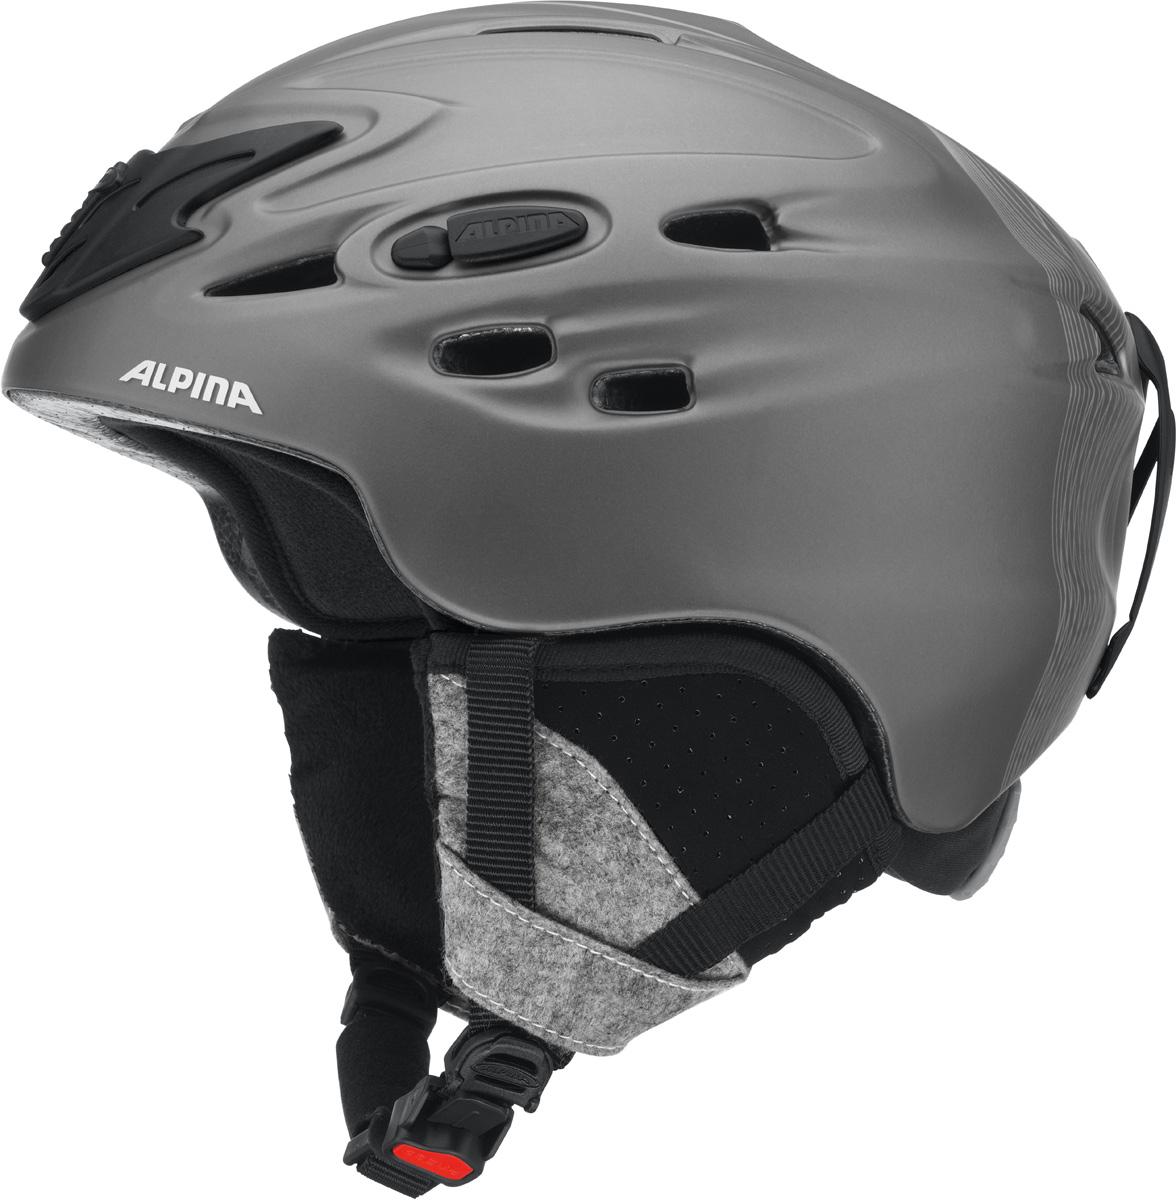 Шлем горнолыжный Alpina SCARA black-prosecco matt. Размер 55-59A9017_46Модель создана специально для тех, кто не хочет идти на компромисс между технологиями и стилем.Исключительно устойчивый и легкий. Благодаря эффективной системы вентиляции между внутренней и внешней оболочкой микроклимат под шлемом всегда прохладный. Вынимаемая внутренняя подкладка шлема, которую можно стирать. Размеры: 52-61 см. Модель с глянцевым покрытием.(Модели с буквами L.E. в названии имеют матовое покрытие. Модели без пометки - глянцевое покрытие.) Технологии:INMOLD TEC – технология соединения внутренней и внешней части шлема при помощи высокой температуры. Данный метод делает соединение исключительно прочным, а сам шлем легким. Такой метод соединения гораздо надежнее и безопаснее обычного склеивания.CERAMIC – особая технология производства внешней оболочки шлема. Используются легковесные материалы экстремально прочные и устойчивые к царапинам. Возможно использование при сильном УФ изучении, так же поверхность имеет антистатическое покрытие.RUN SYSTEM – простая система настройки шлема, позволяющая добиться надежной фиксации.AIRSTREAM CONTROL – регулируемые воздушные клапана для полного контроля внутренней вентиляции. REMOVABLE EARPADS - съемные амбушюры добавляют чувства свободы во время катания в теплую погоду, не в ущерб безопасности. При падении температуры, амбушюры легко устанавливаются обратно на шлем.CHANGEABLE INTERIOR – съемная внутренняя часть. Допускается стирка в теплой мыльной воде.NECKWARMER – дополнительное утепление шеи. Изготовлено из мягкого флиса.